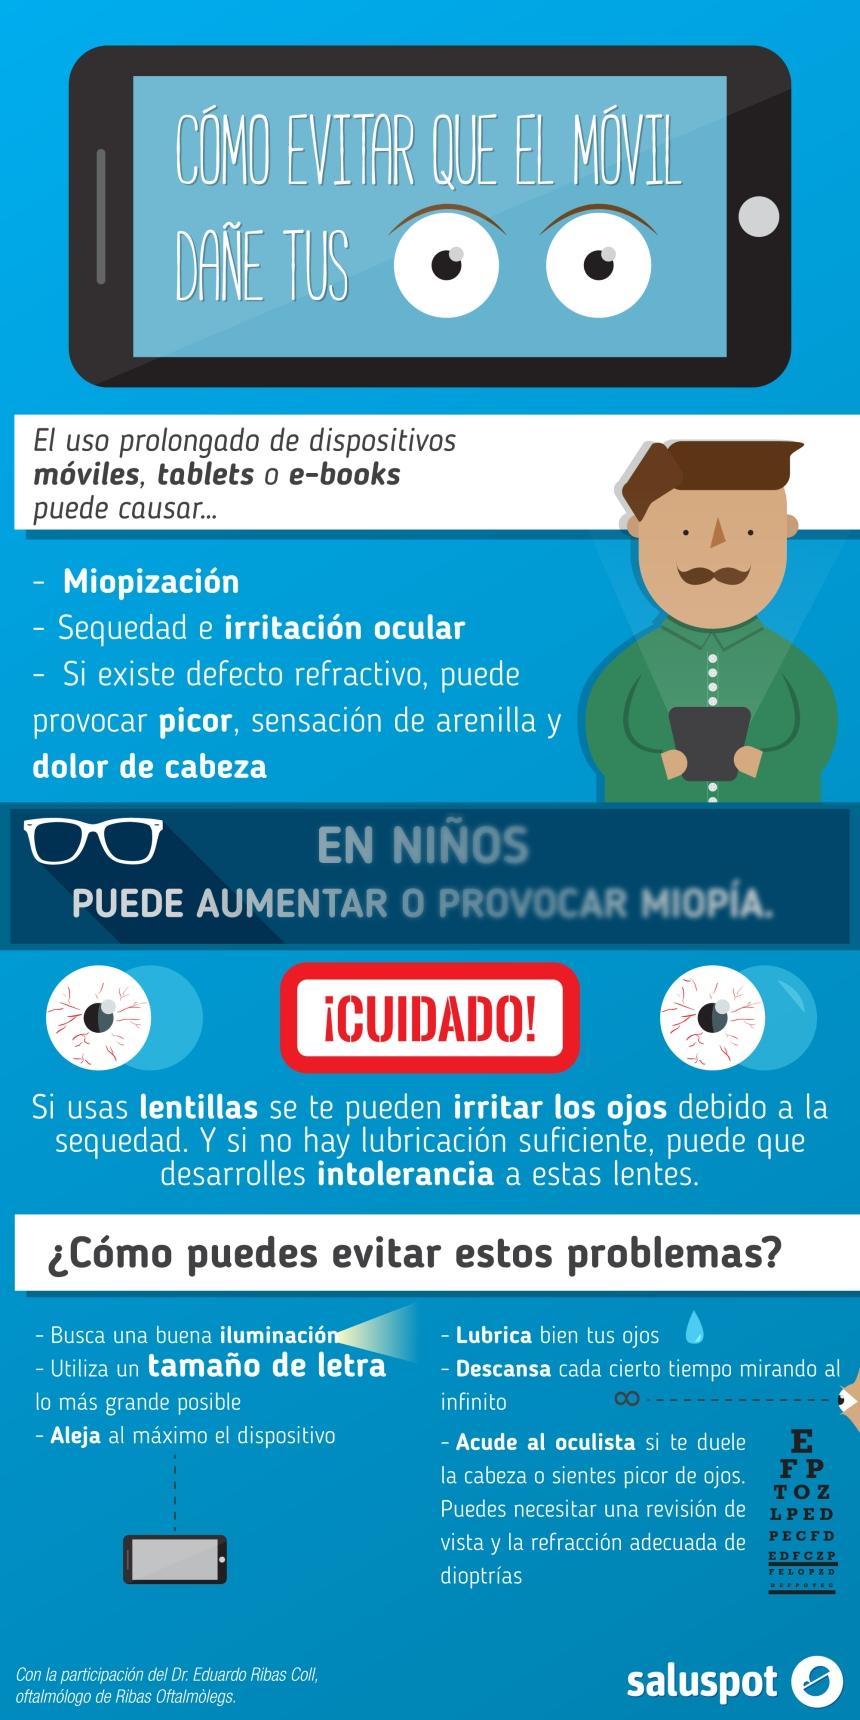 Cómo evitar que el móvil dañe tus ojos